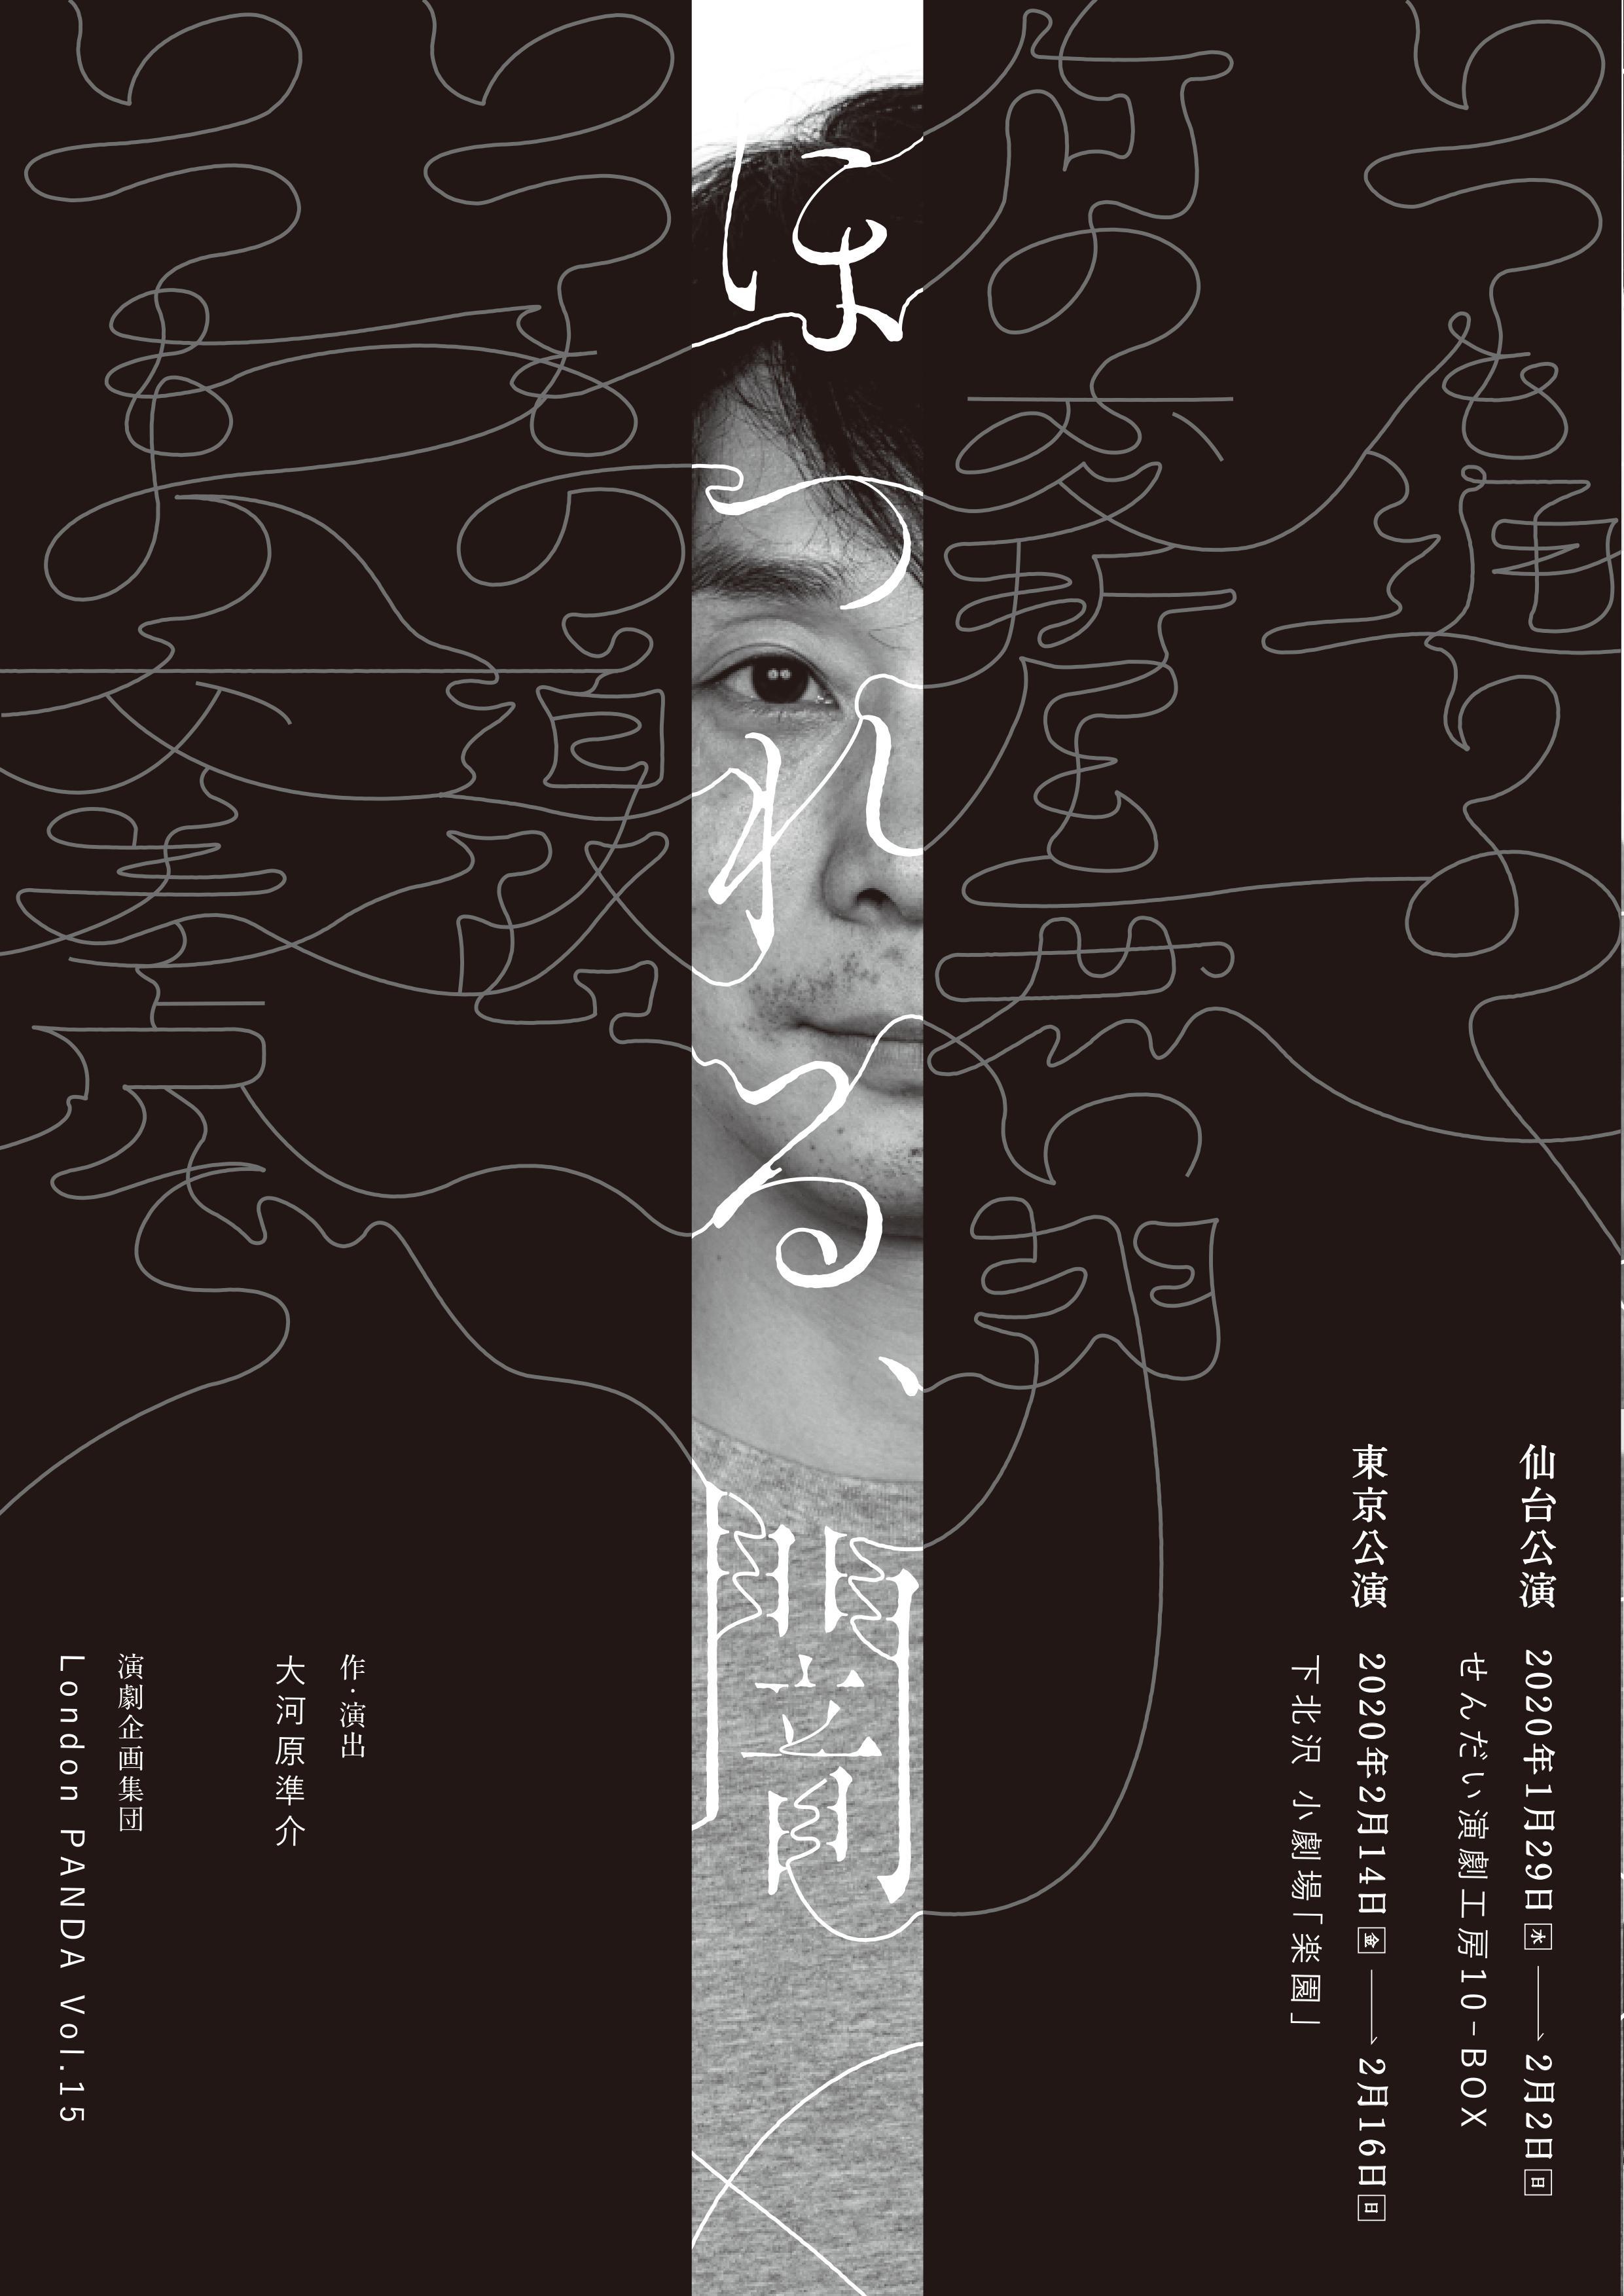 [仙台]1/31(金)19時|演劇企画集団LondonPANDA『ほつれる、闇』